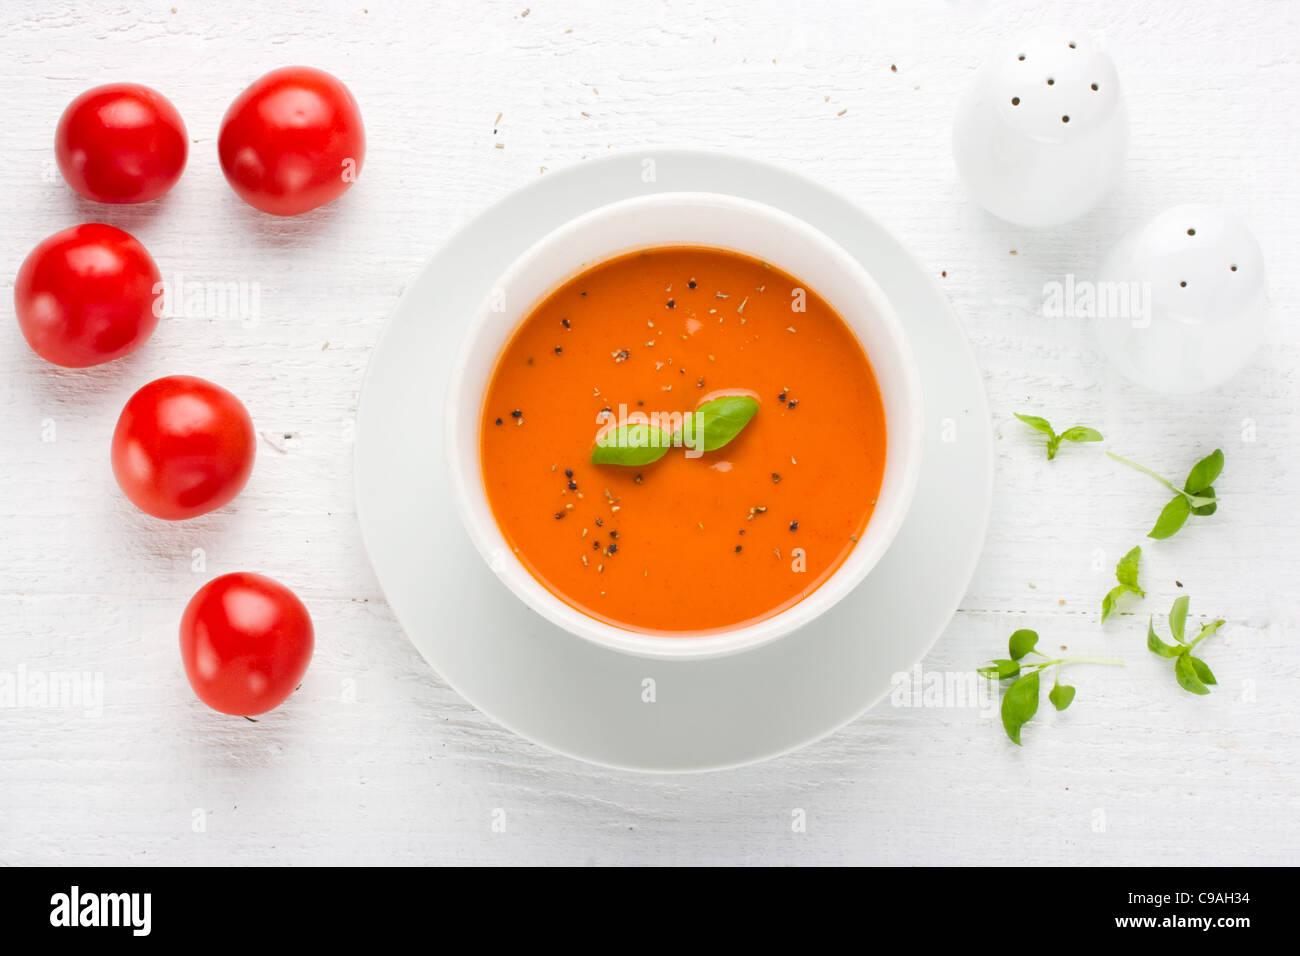 Zuppa di pomodoro nel recipiente bianco circondato con pomodoro il basilico sale e pepe shaker immagine ripresa Immagini Stock